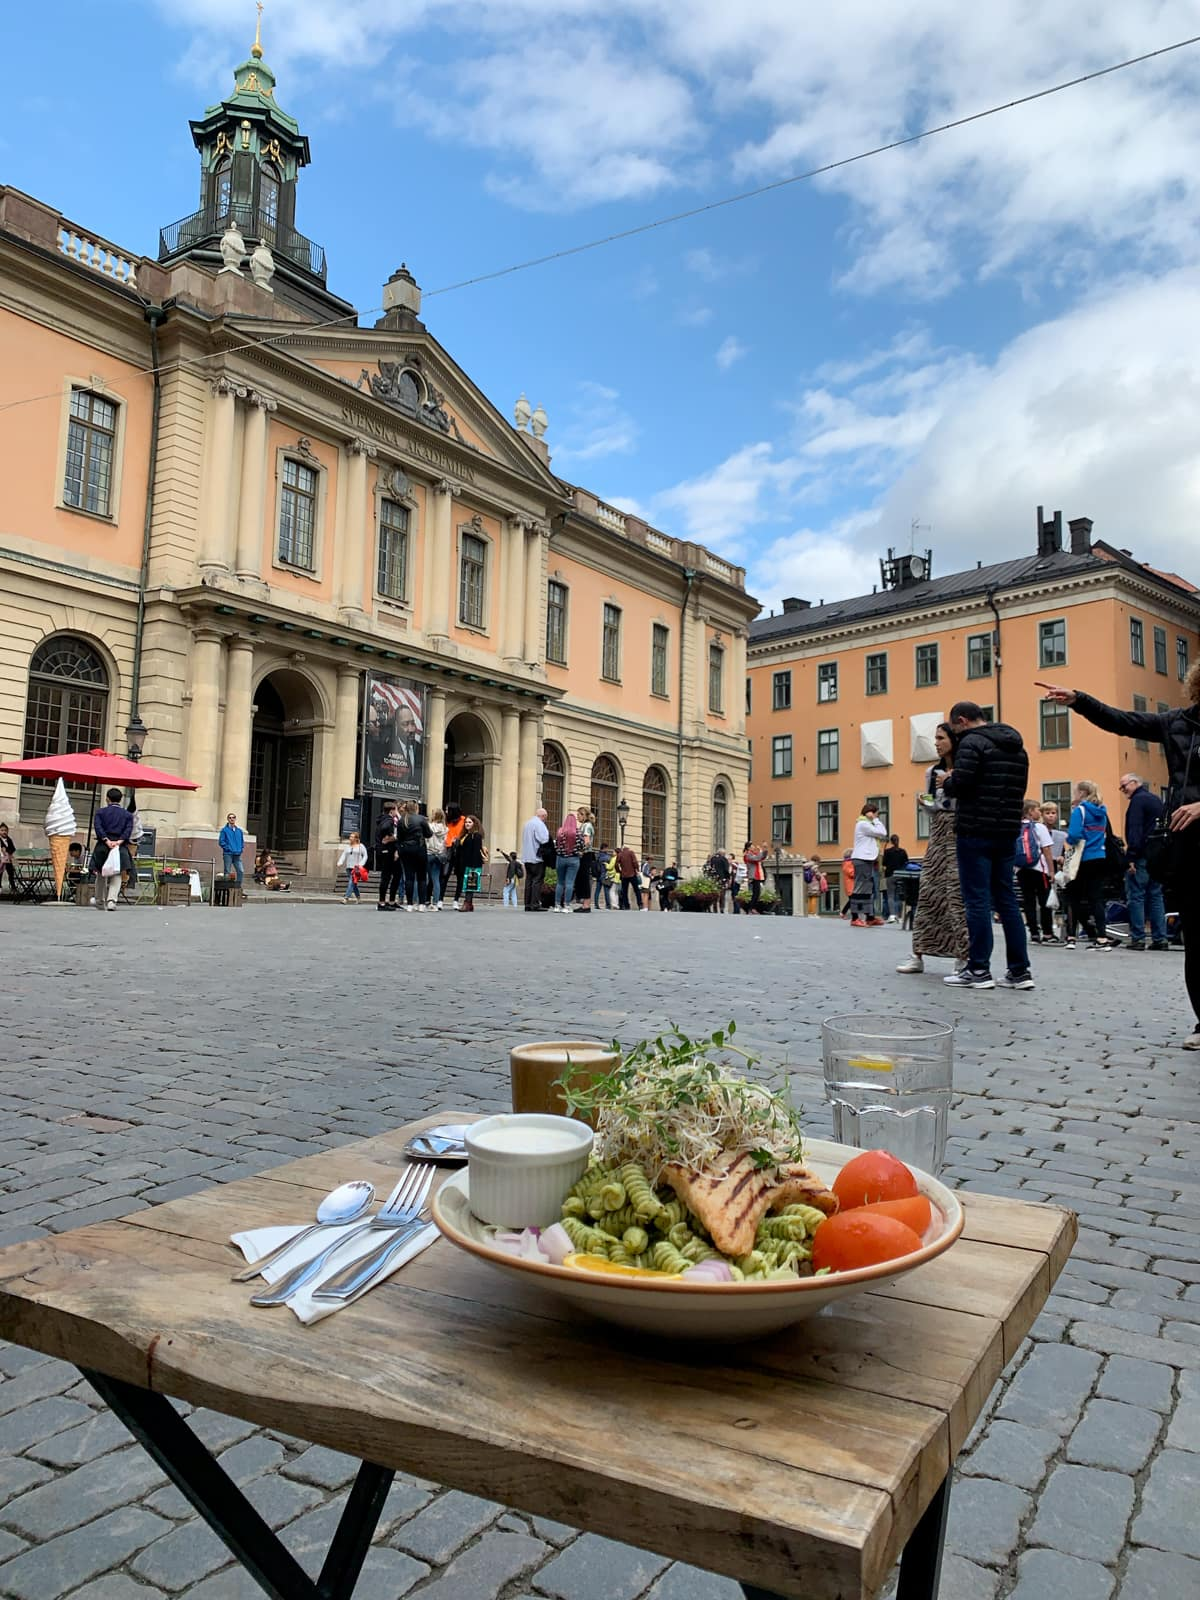 Dining al fresco in Stockholm